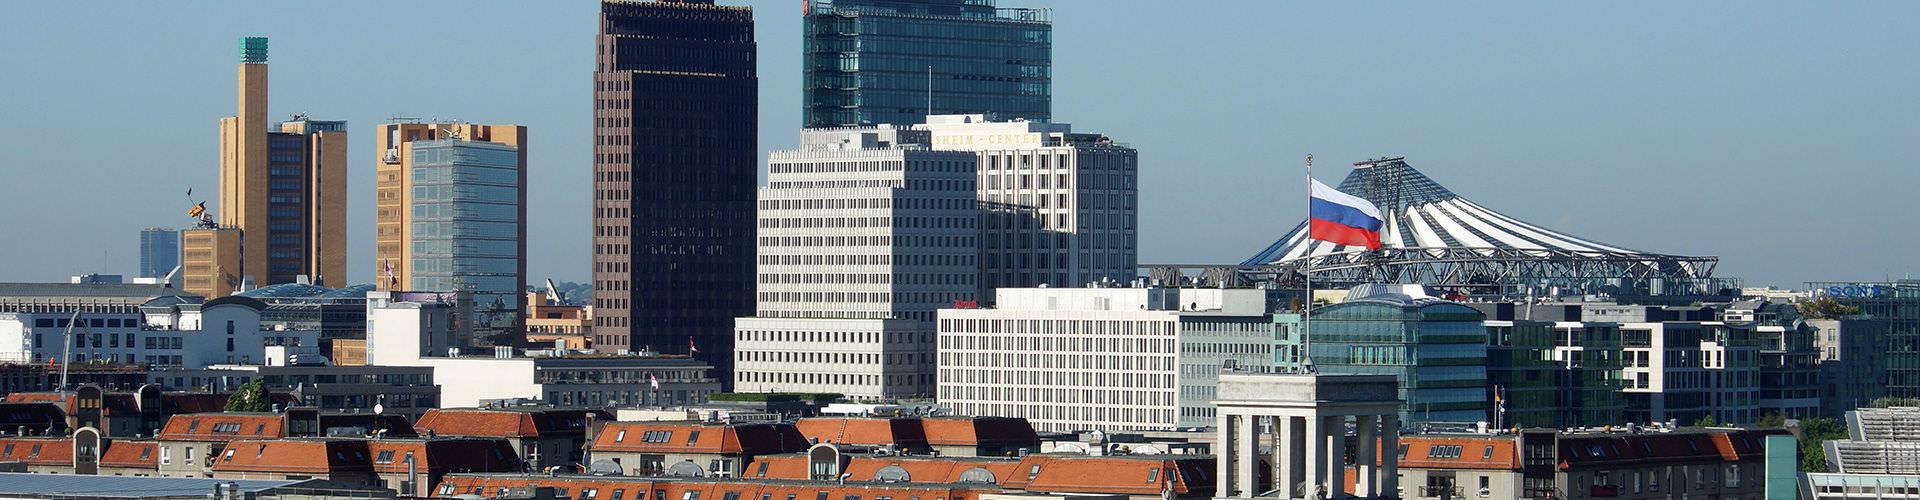 柏林 – 波茨坦广场附近的青年旅舍。柏林地图,柏林每家青年旅舍的照片和评价。